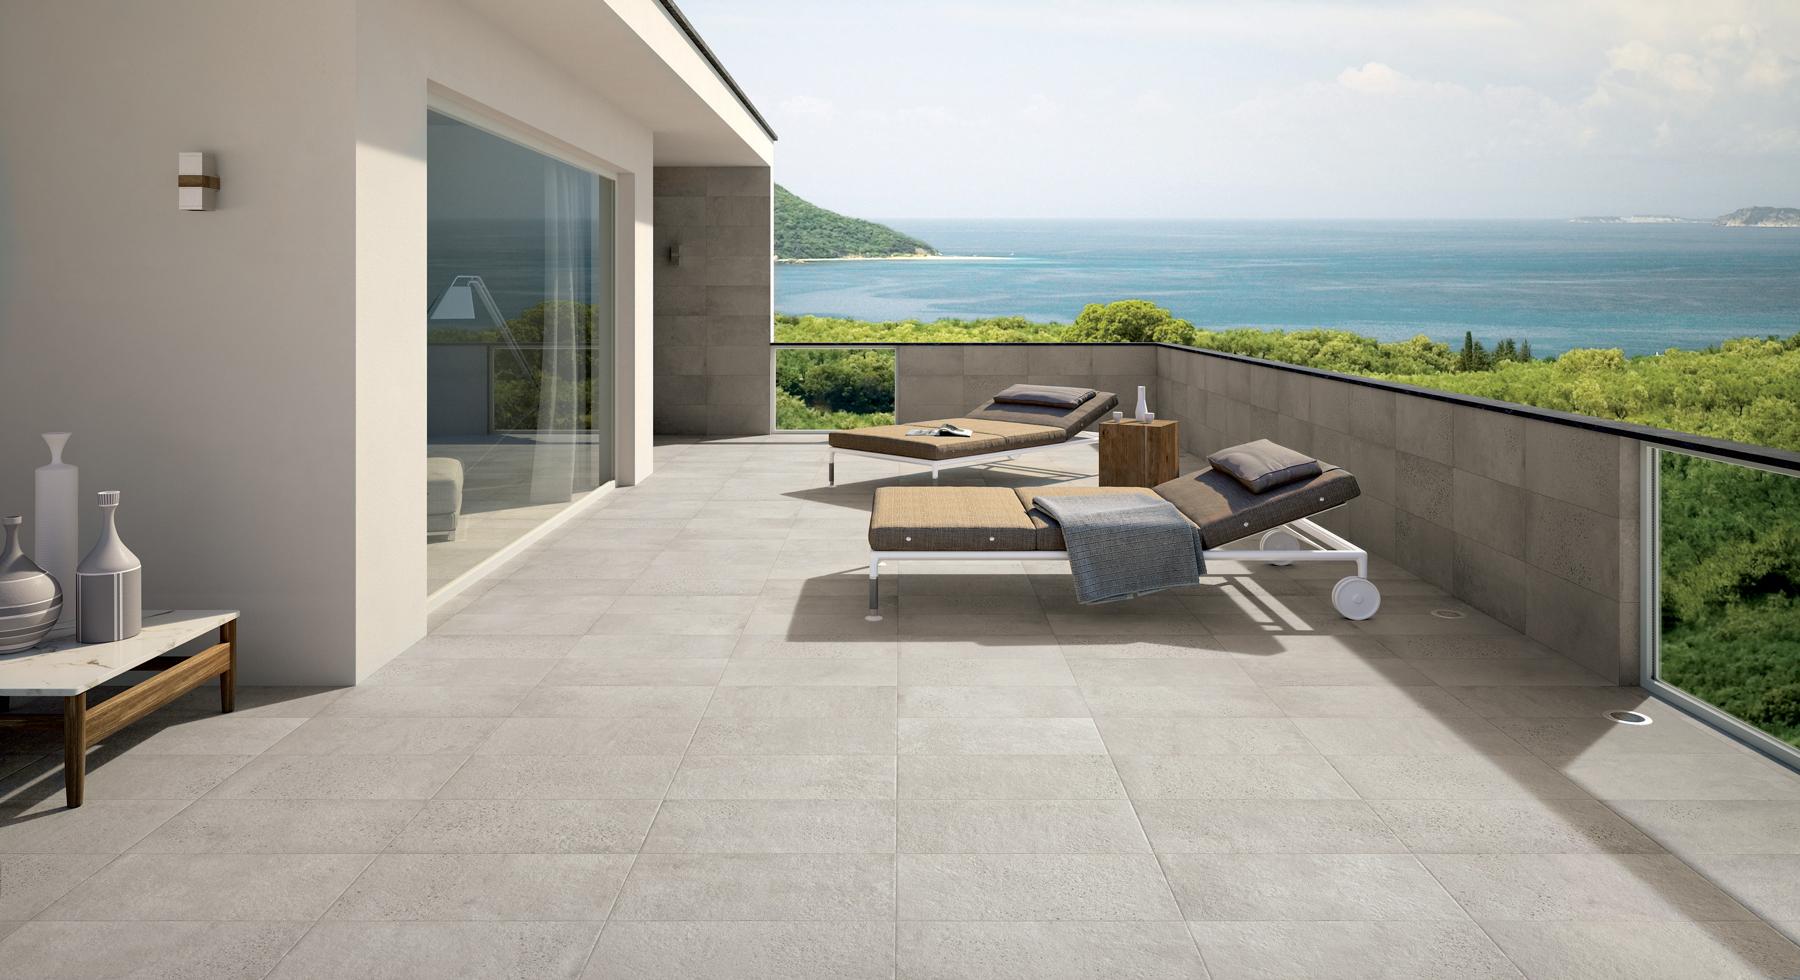 Photo terrasse carrelage gris autres vues autres vues for Carrelage terrasse gris